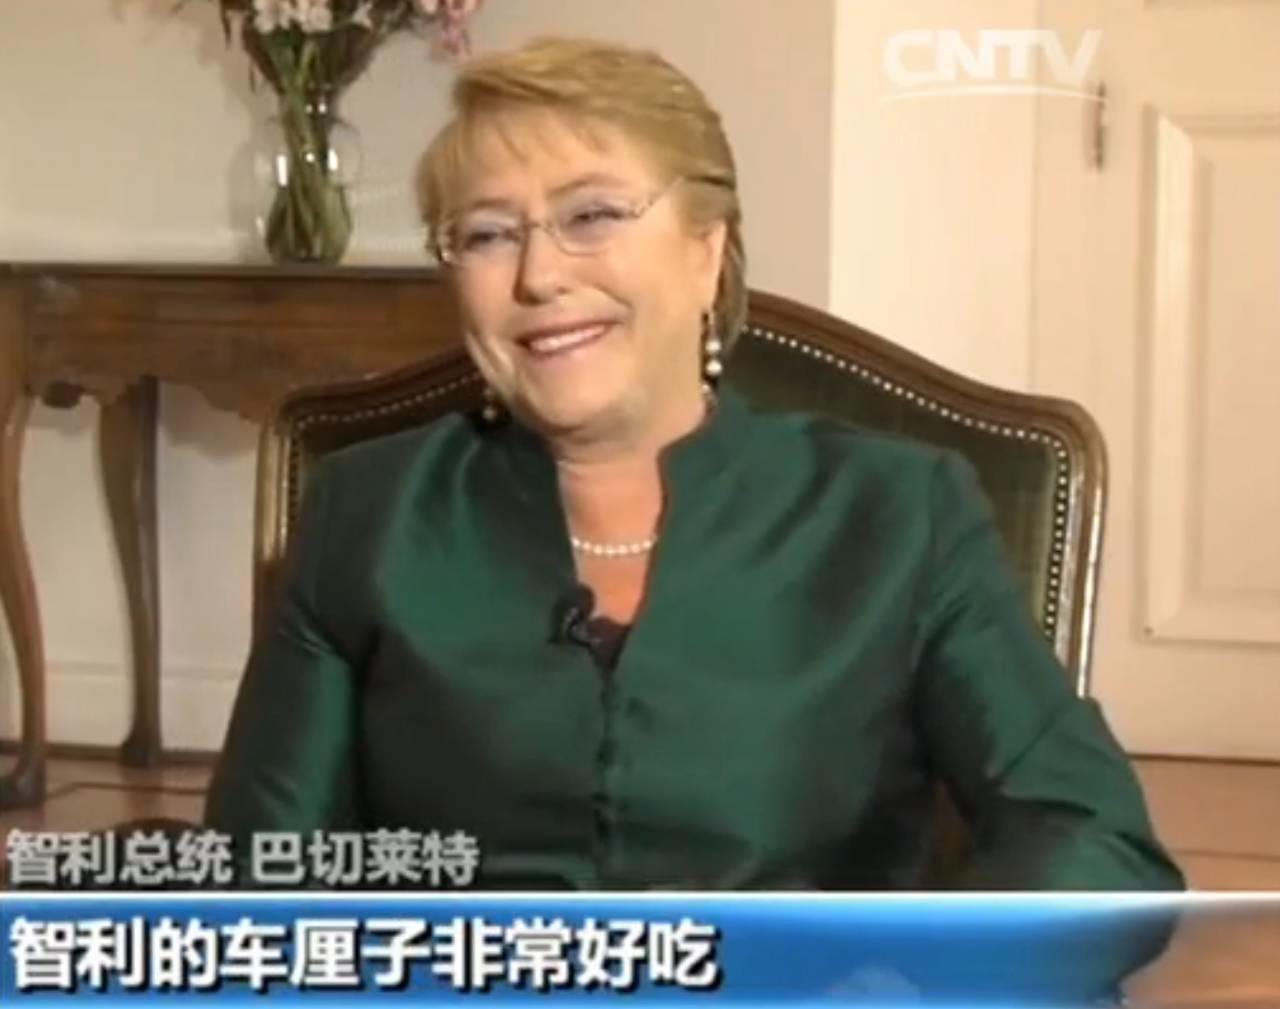 车厘子能不能便宜点?智利总统这样回应中国网友